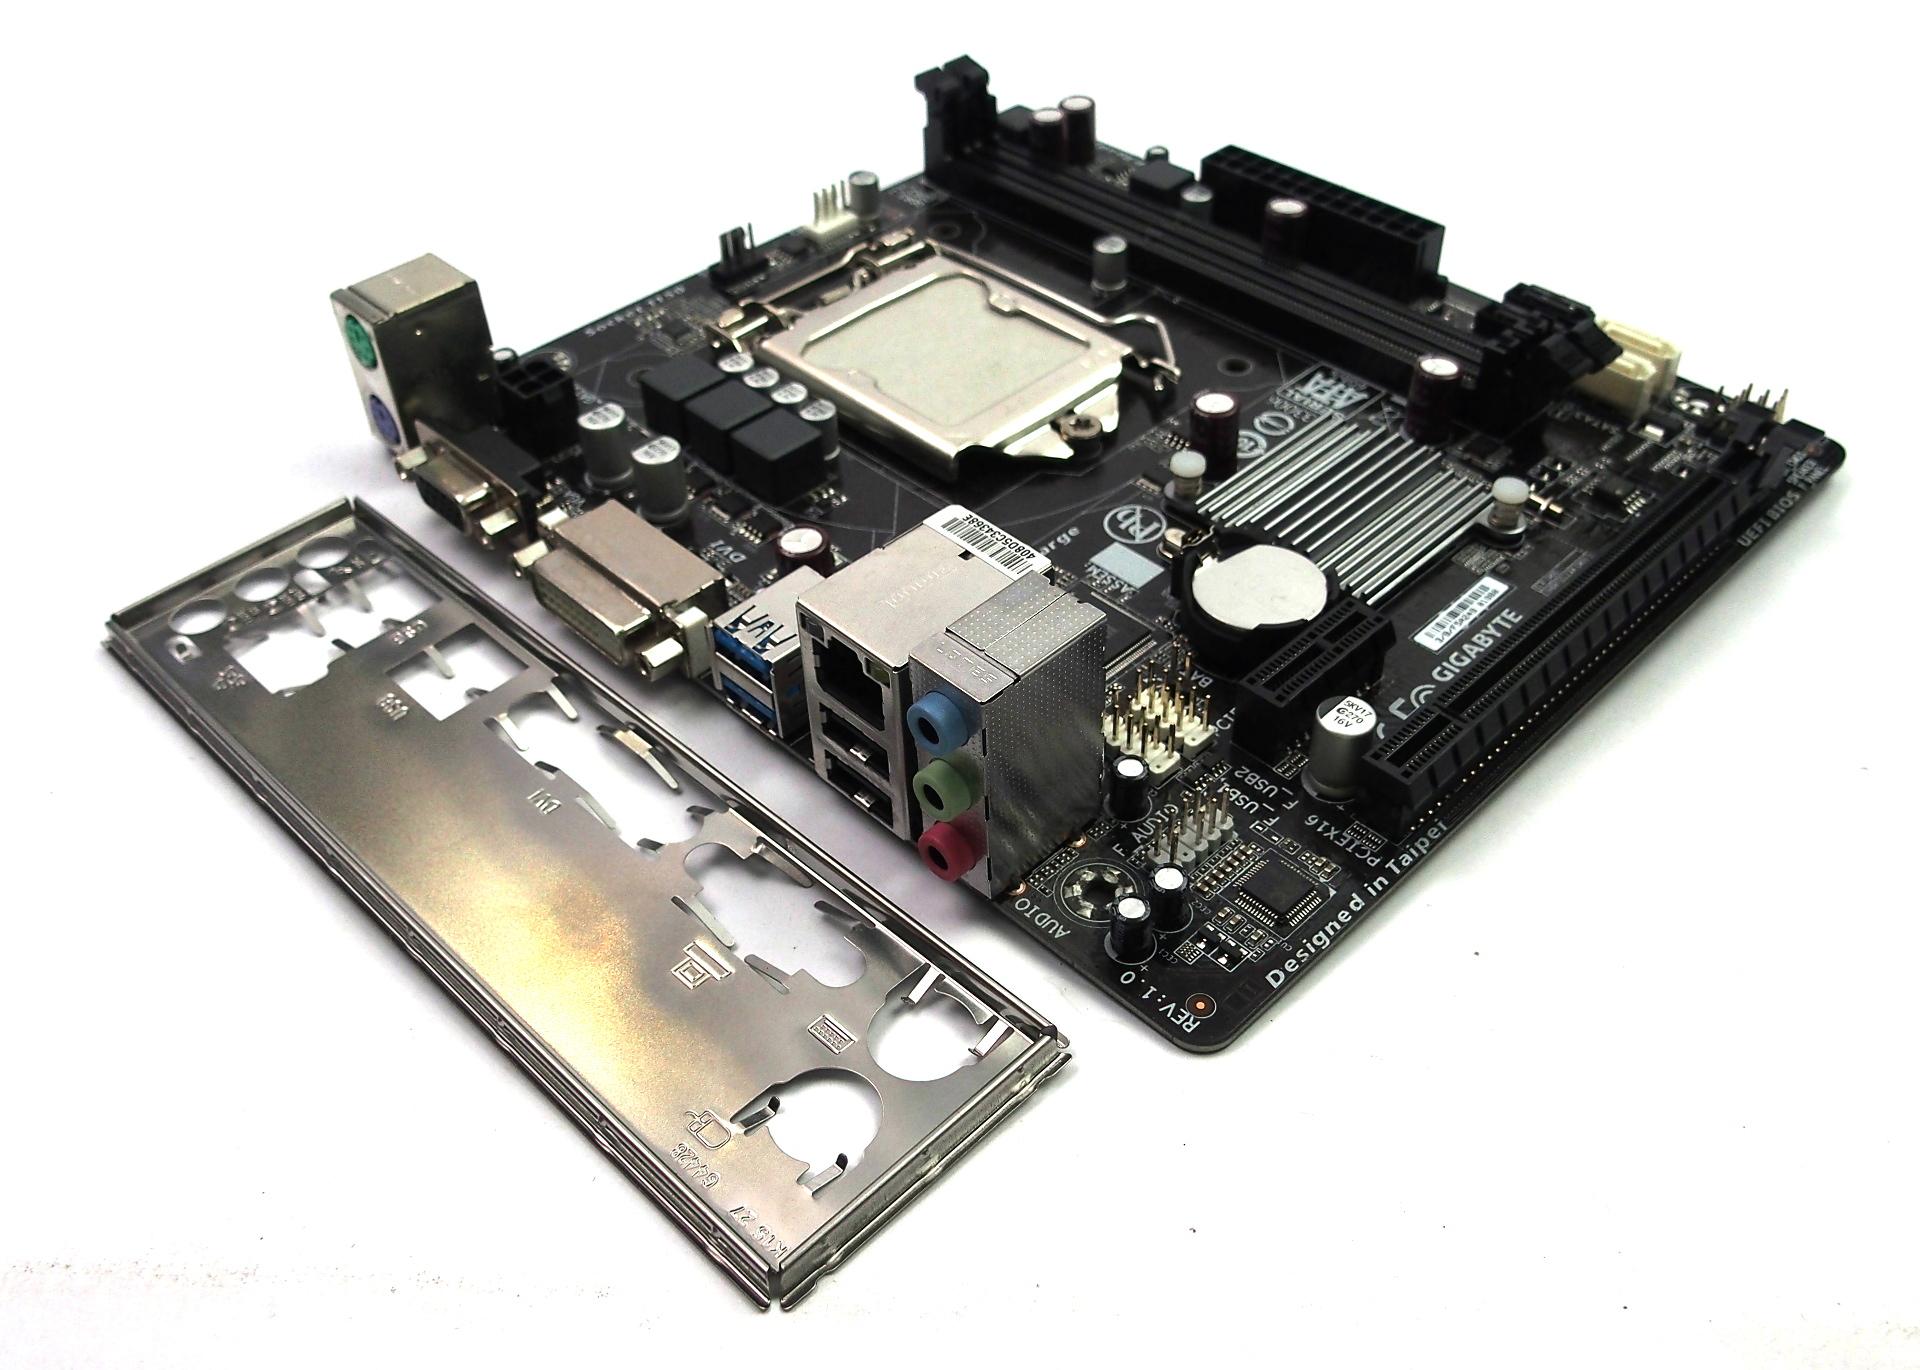 GA-H81M-S2V Rev 1.0 Gigabyte Socket LGA 1150 Motherboard